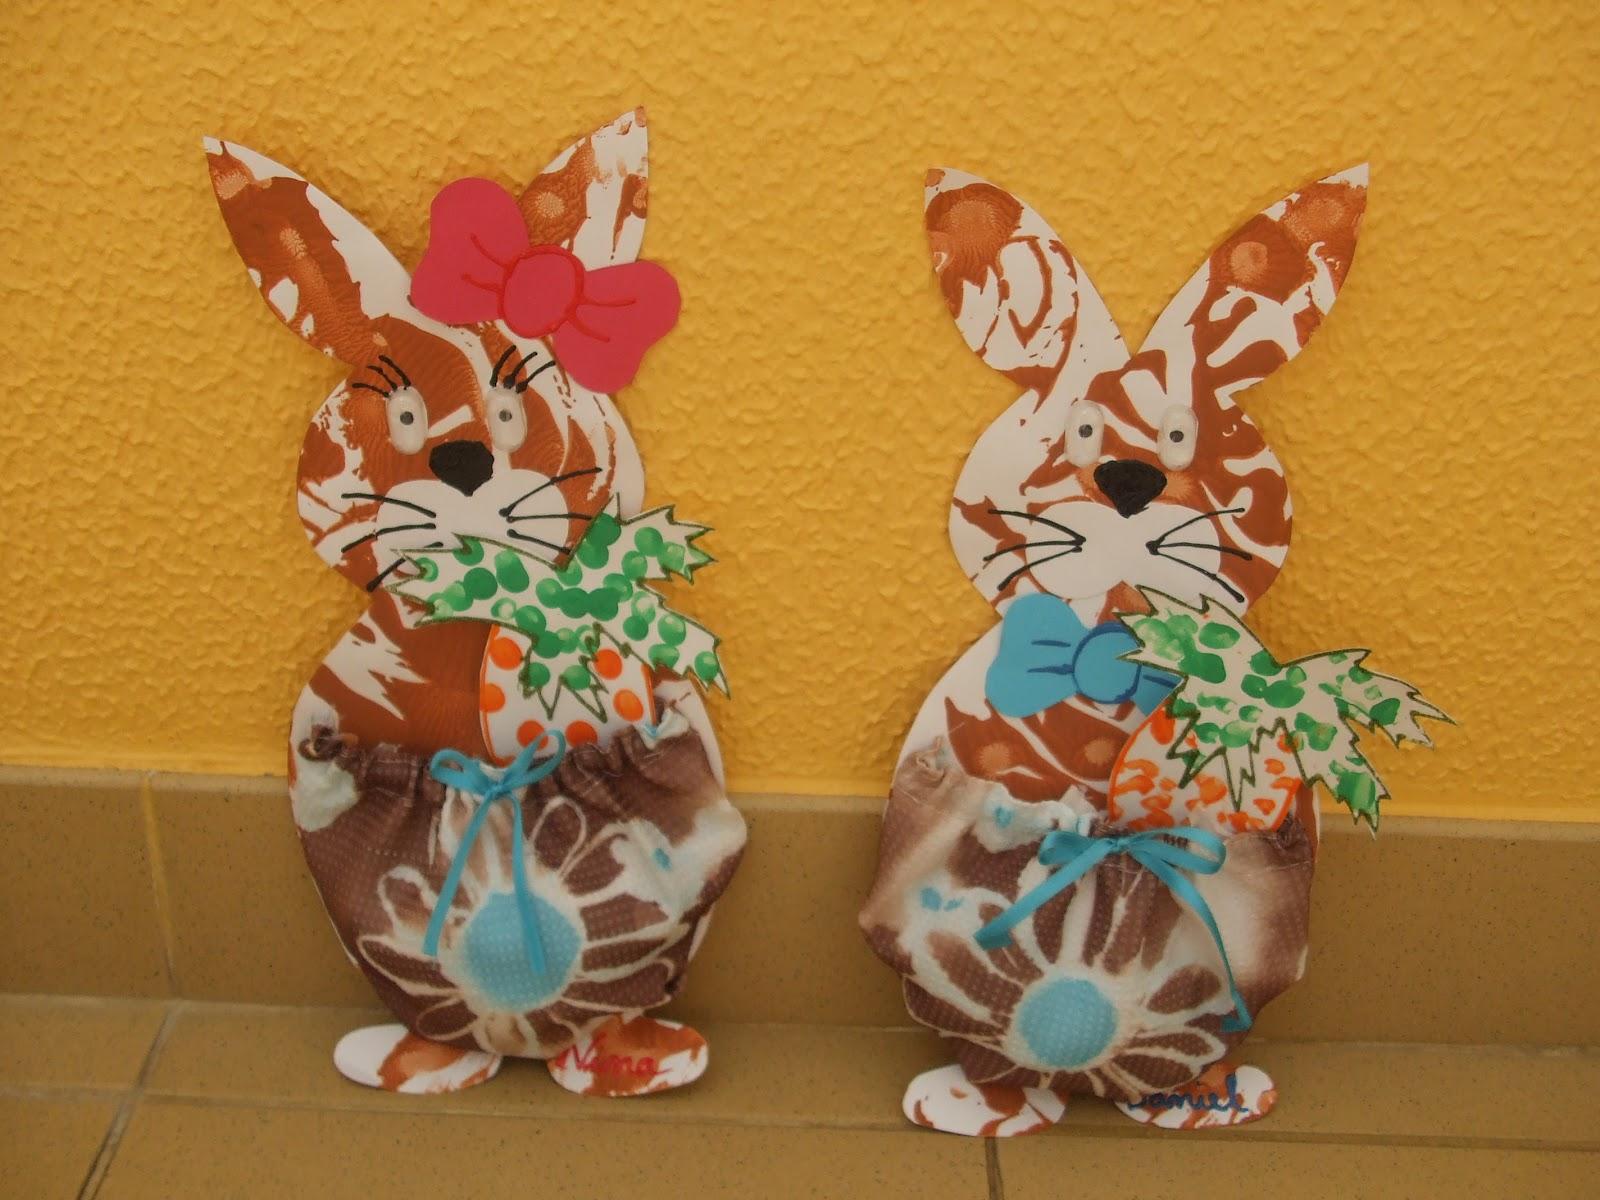 coelhos variados II DSCF7425